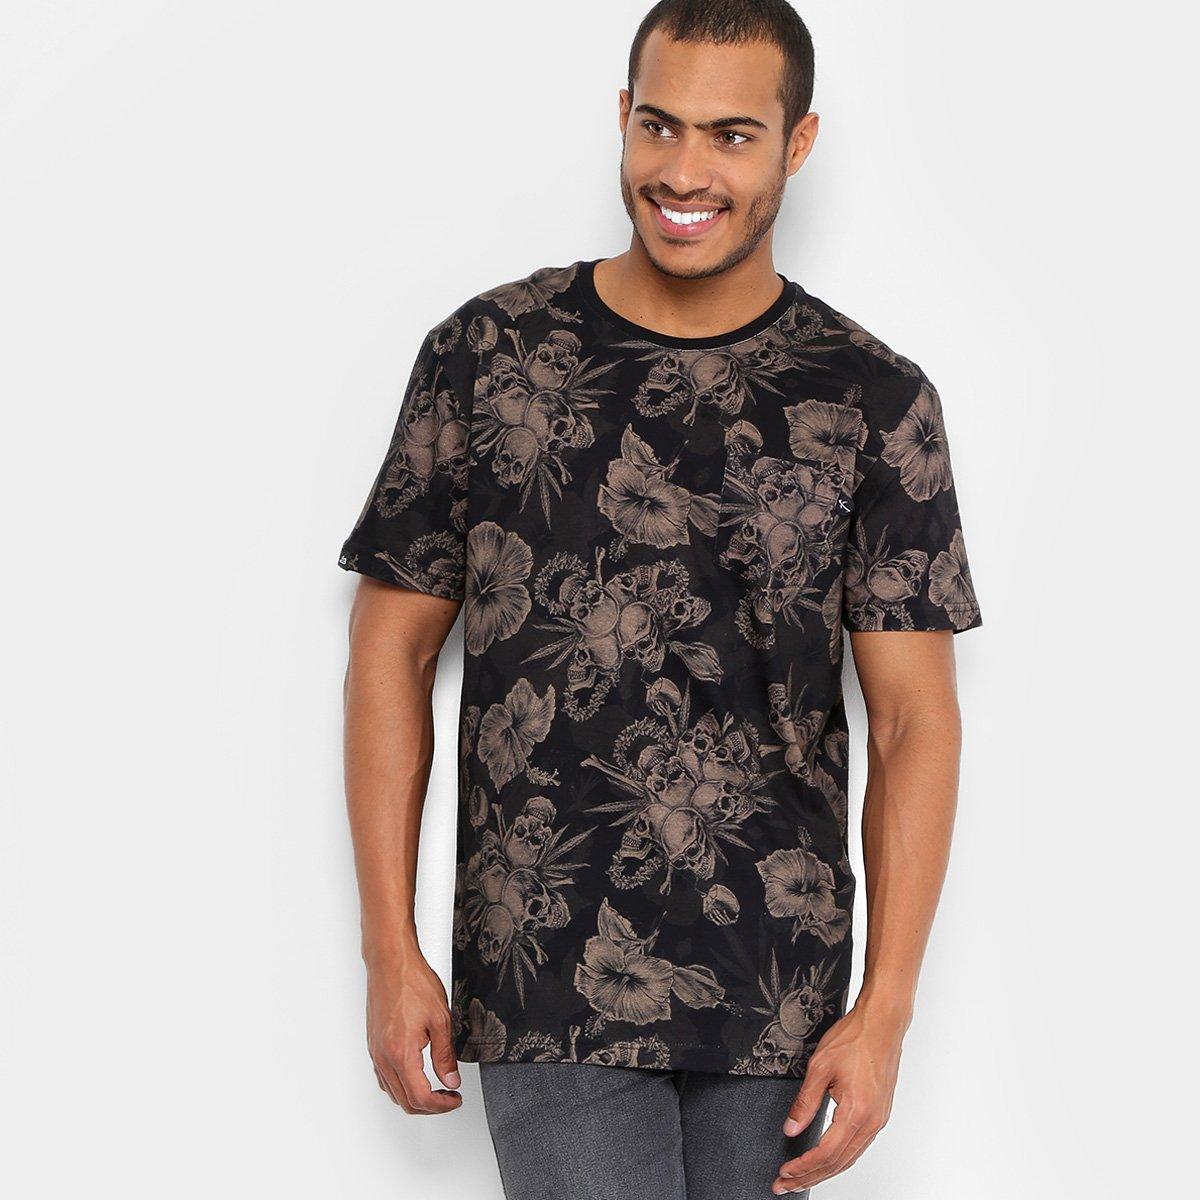 Camiseta Lost Digital Tropical Skull Masculina - Compre Agora  684b3d9fd1536